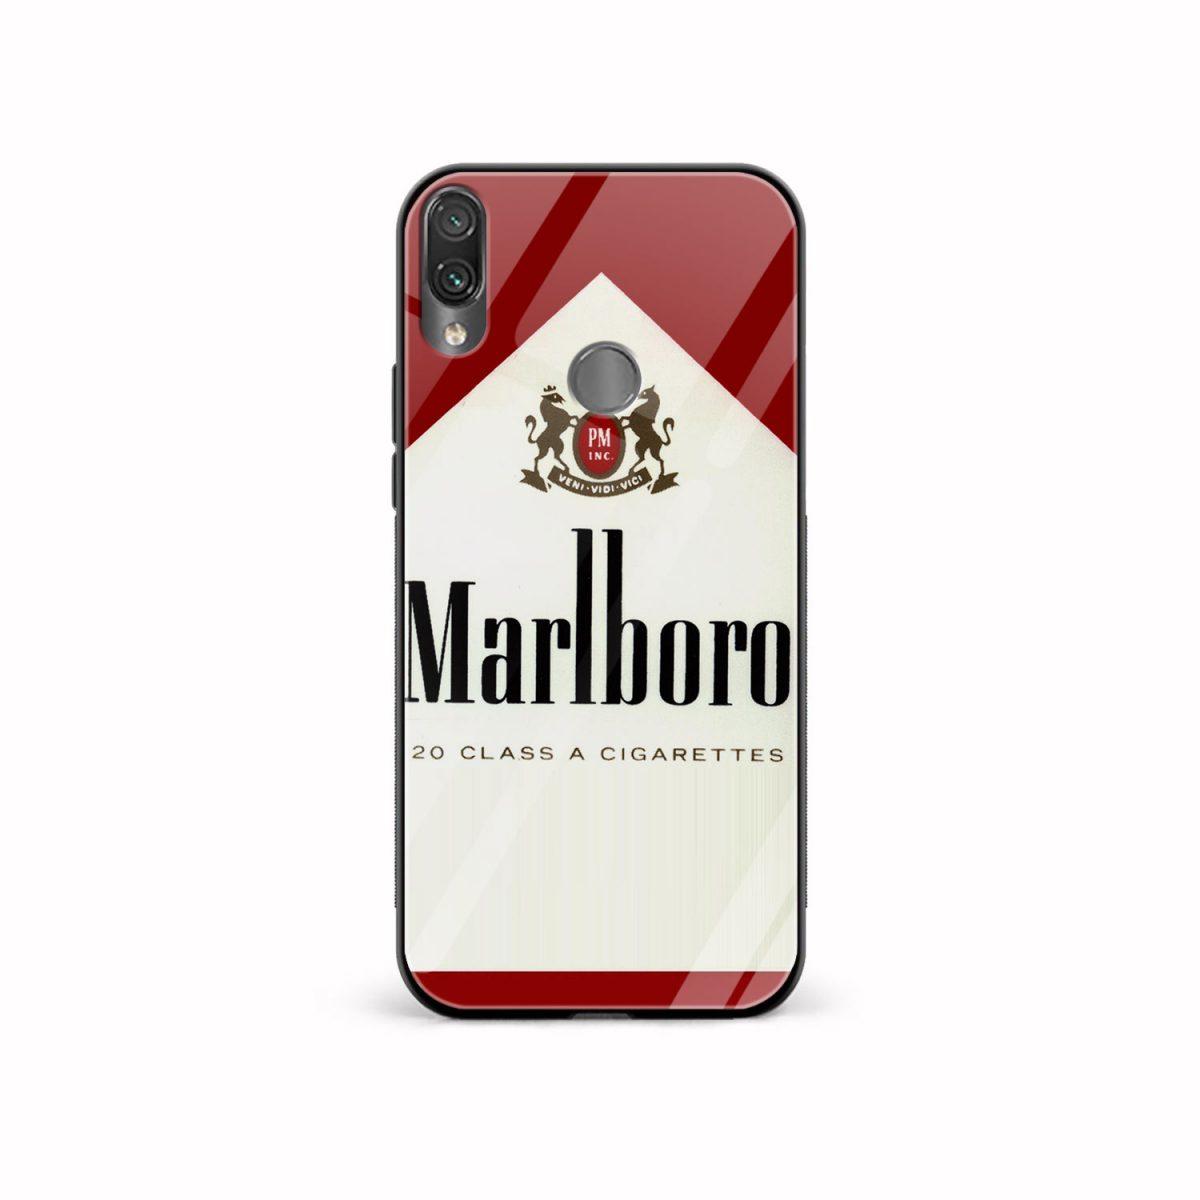 marlboro cigarette custom redmi note7 mobile cover front view